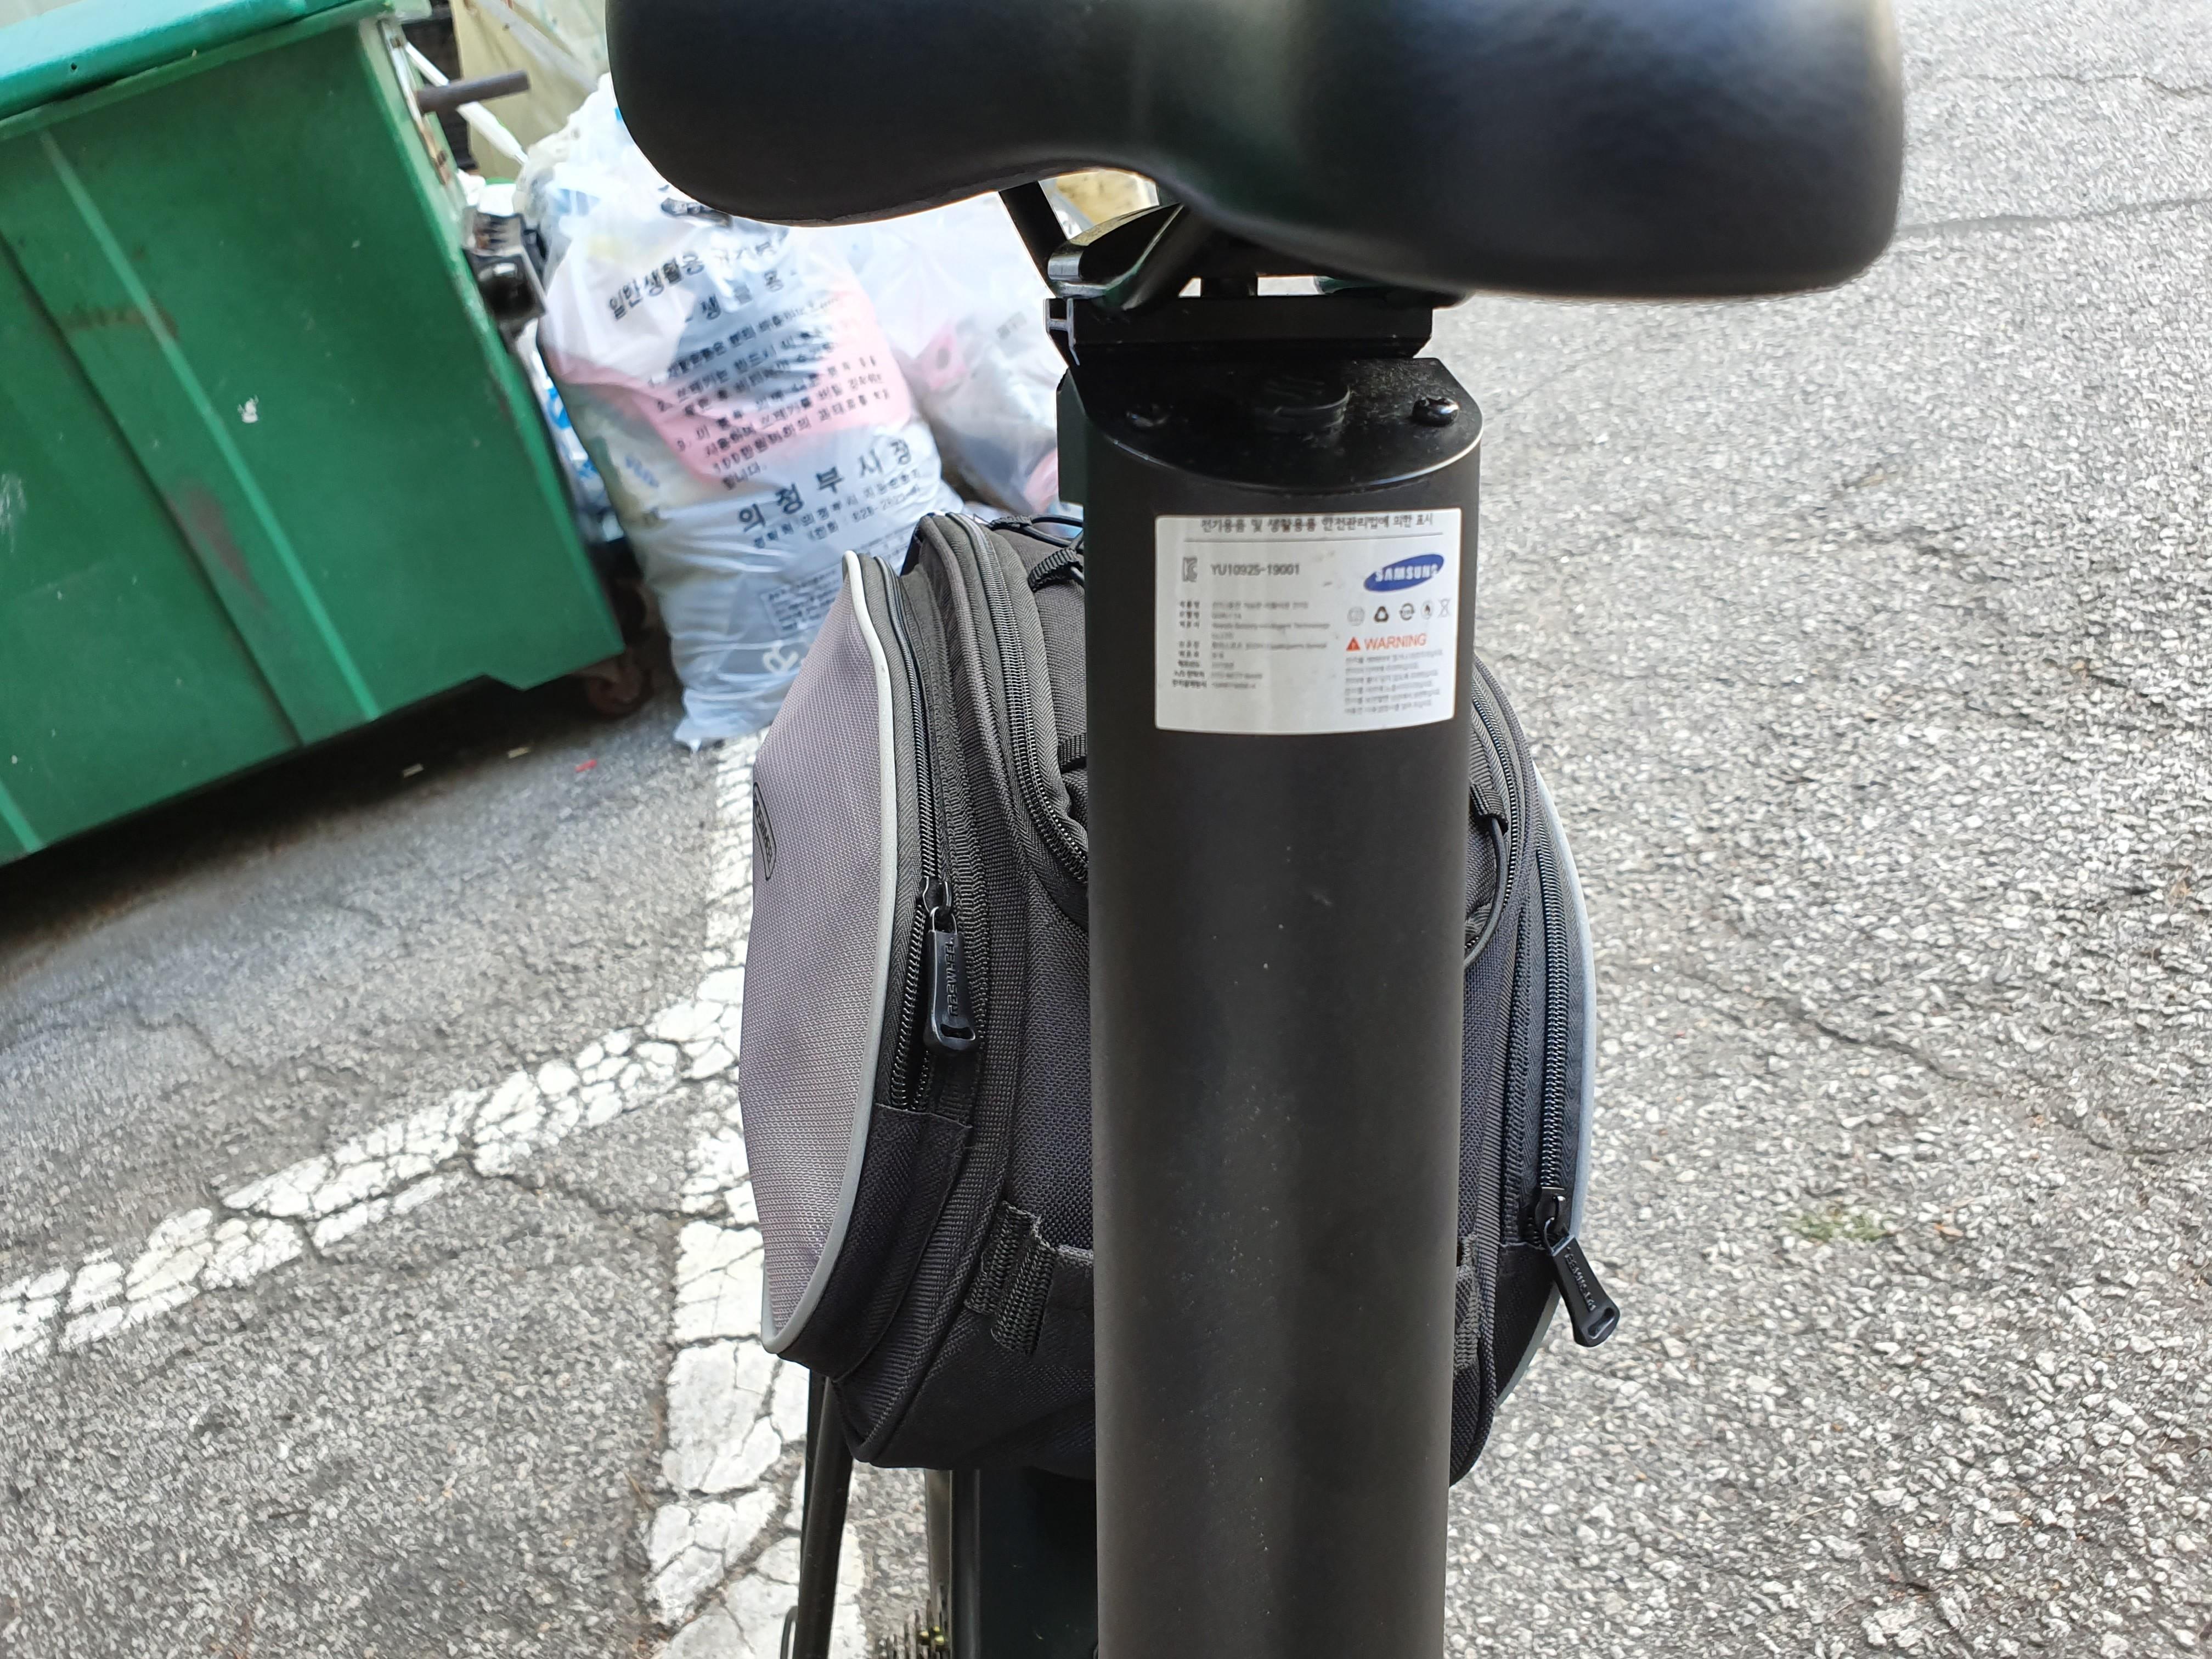 가성비 전기자전거 퀄리 Q3 라이딩 후기 18